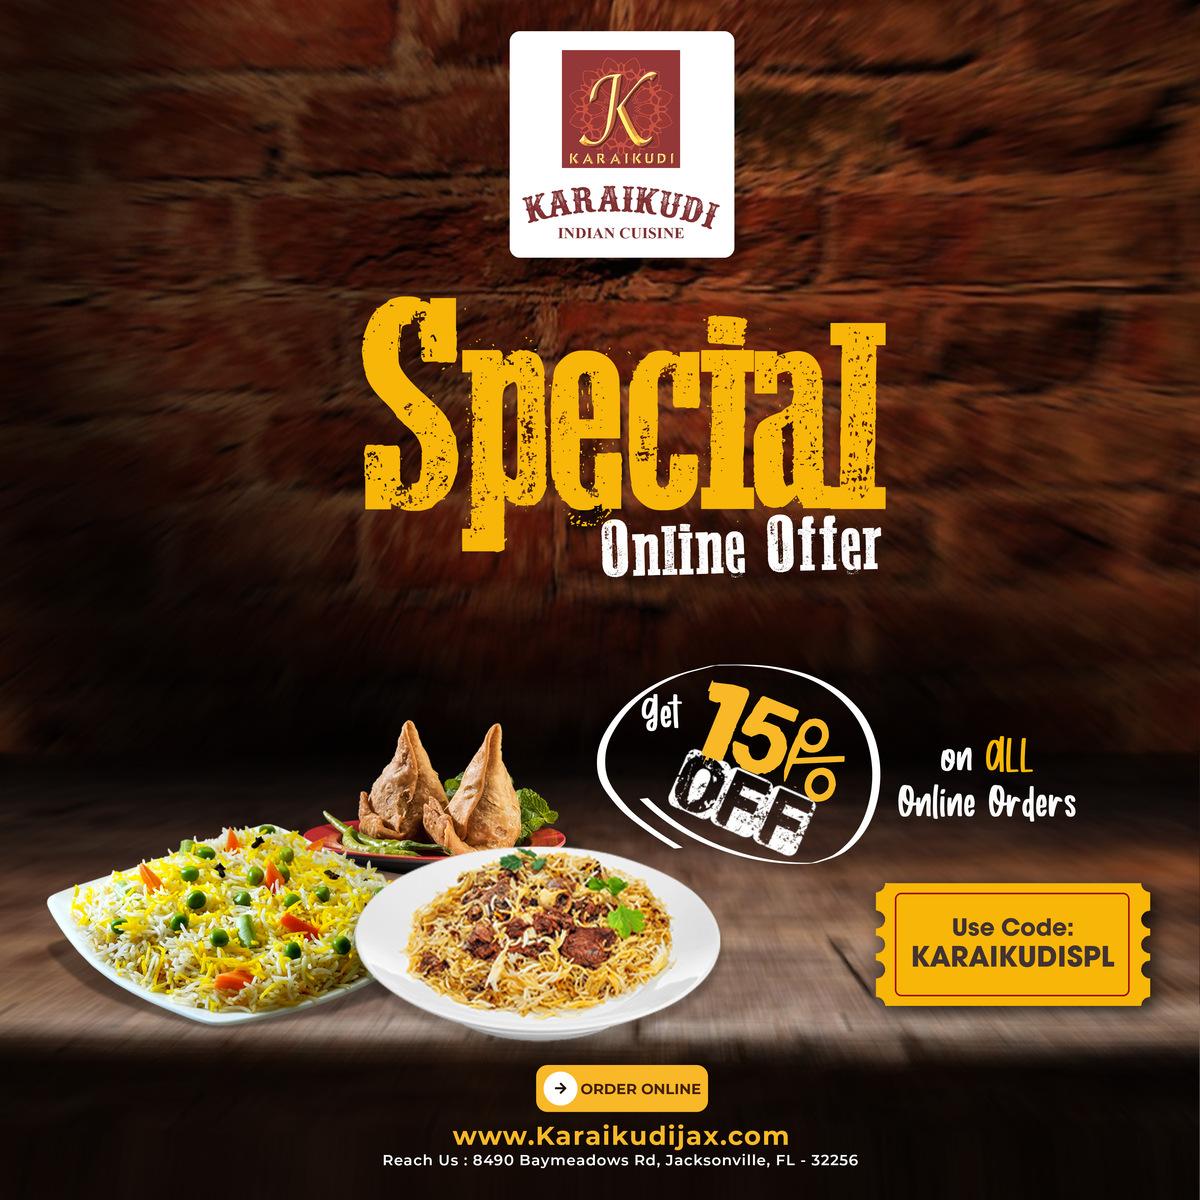 Karaikudi Special Deal! Get 15% Off